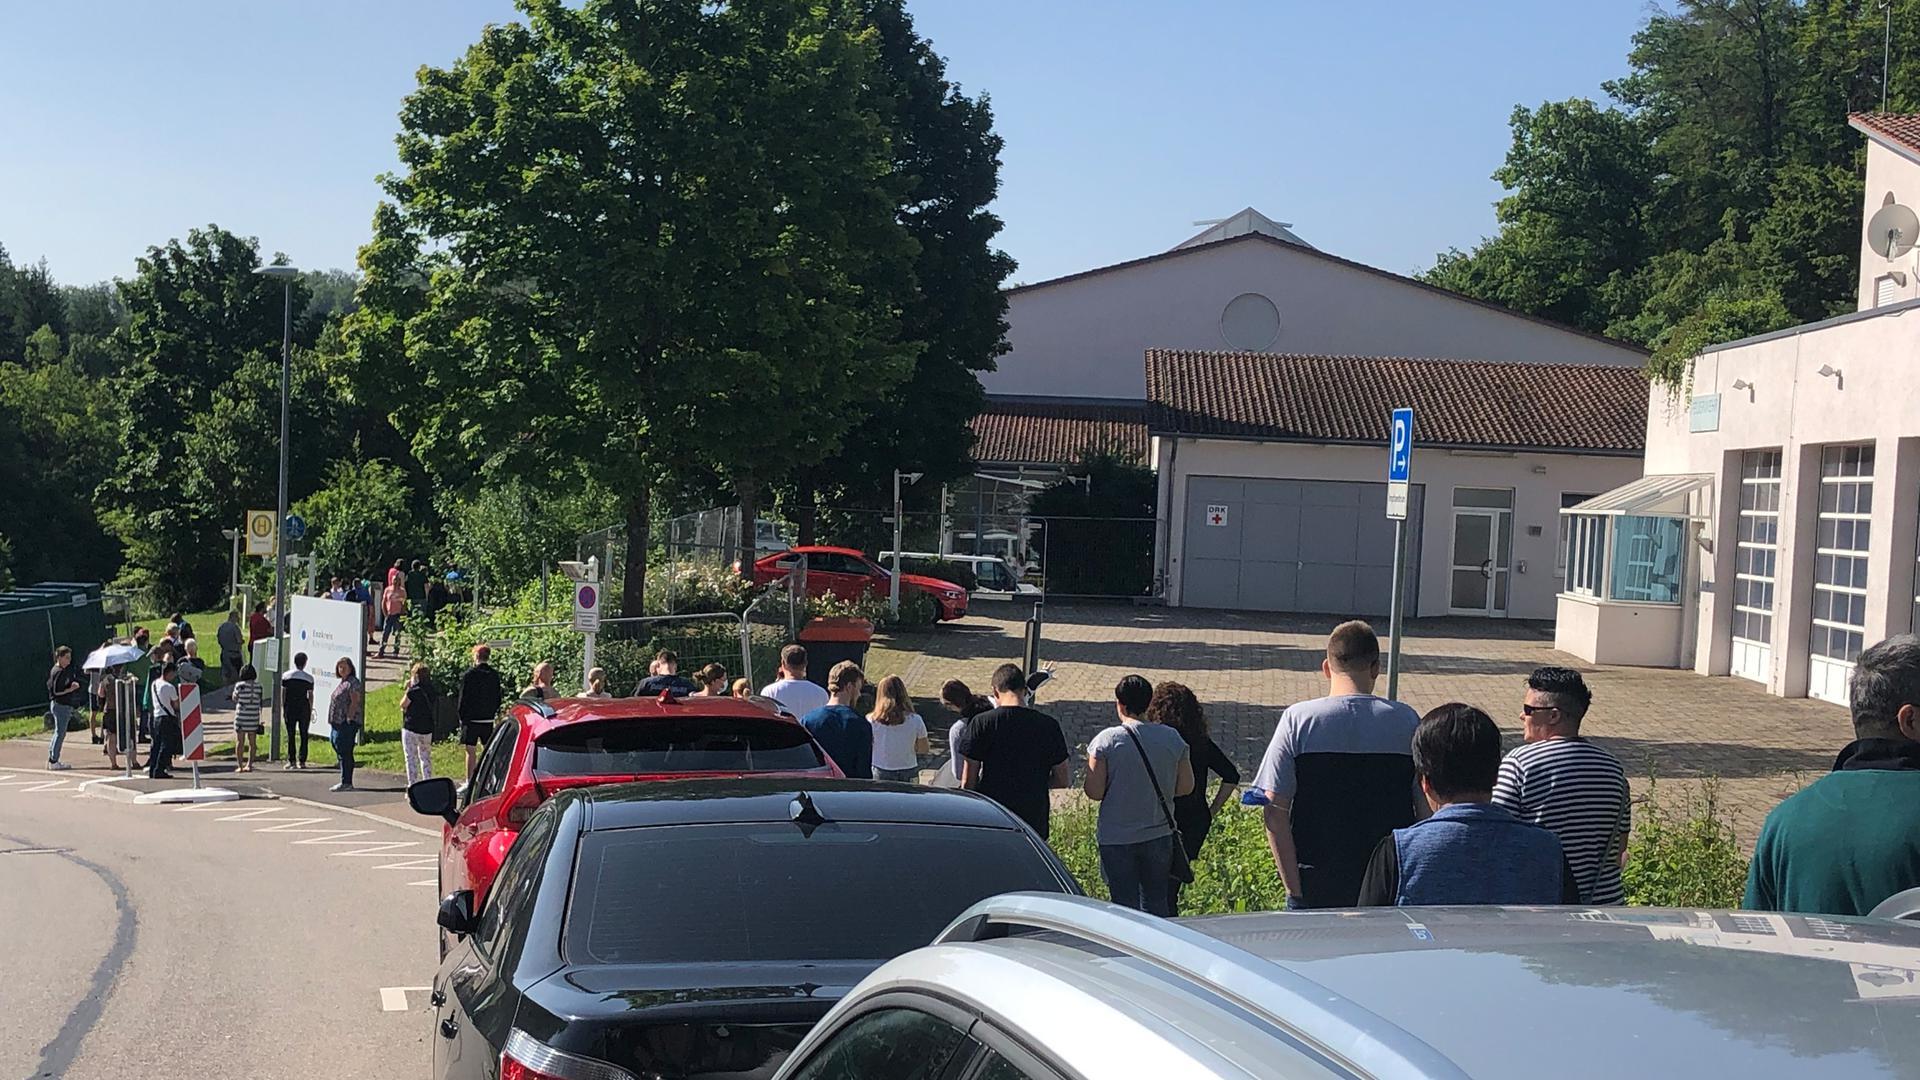 Am Morgen bildeten sich schon vor der Öffnung lange Schlangen vor dem Kreisimpfzentrum in Mönsheim